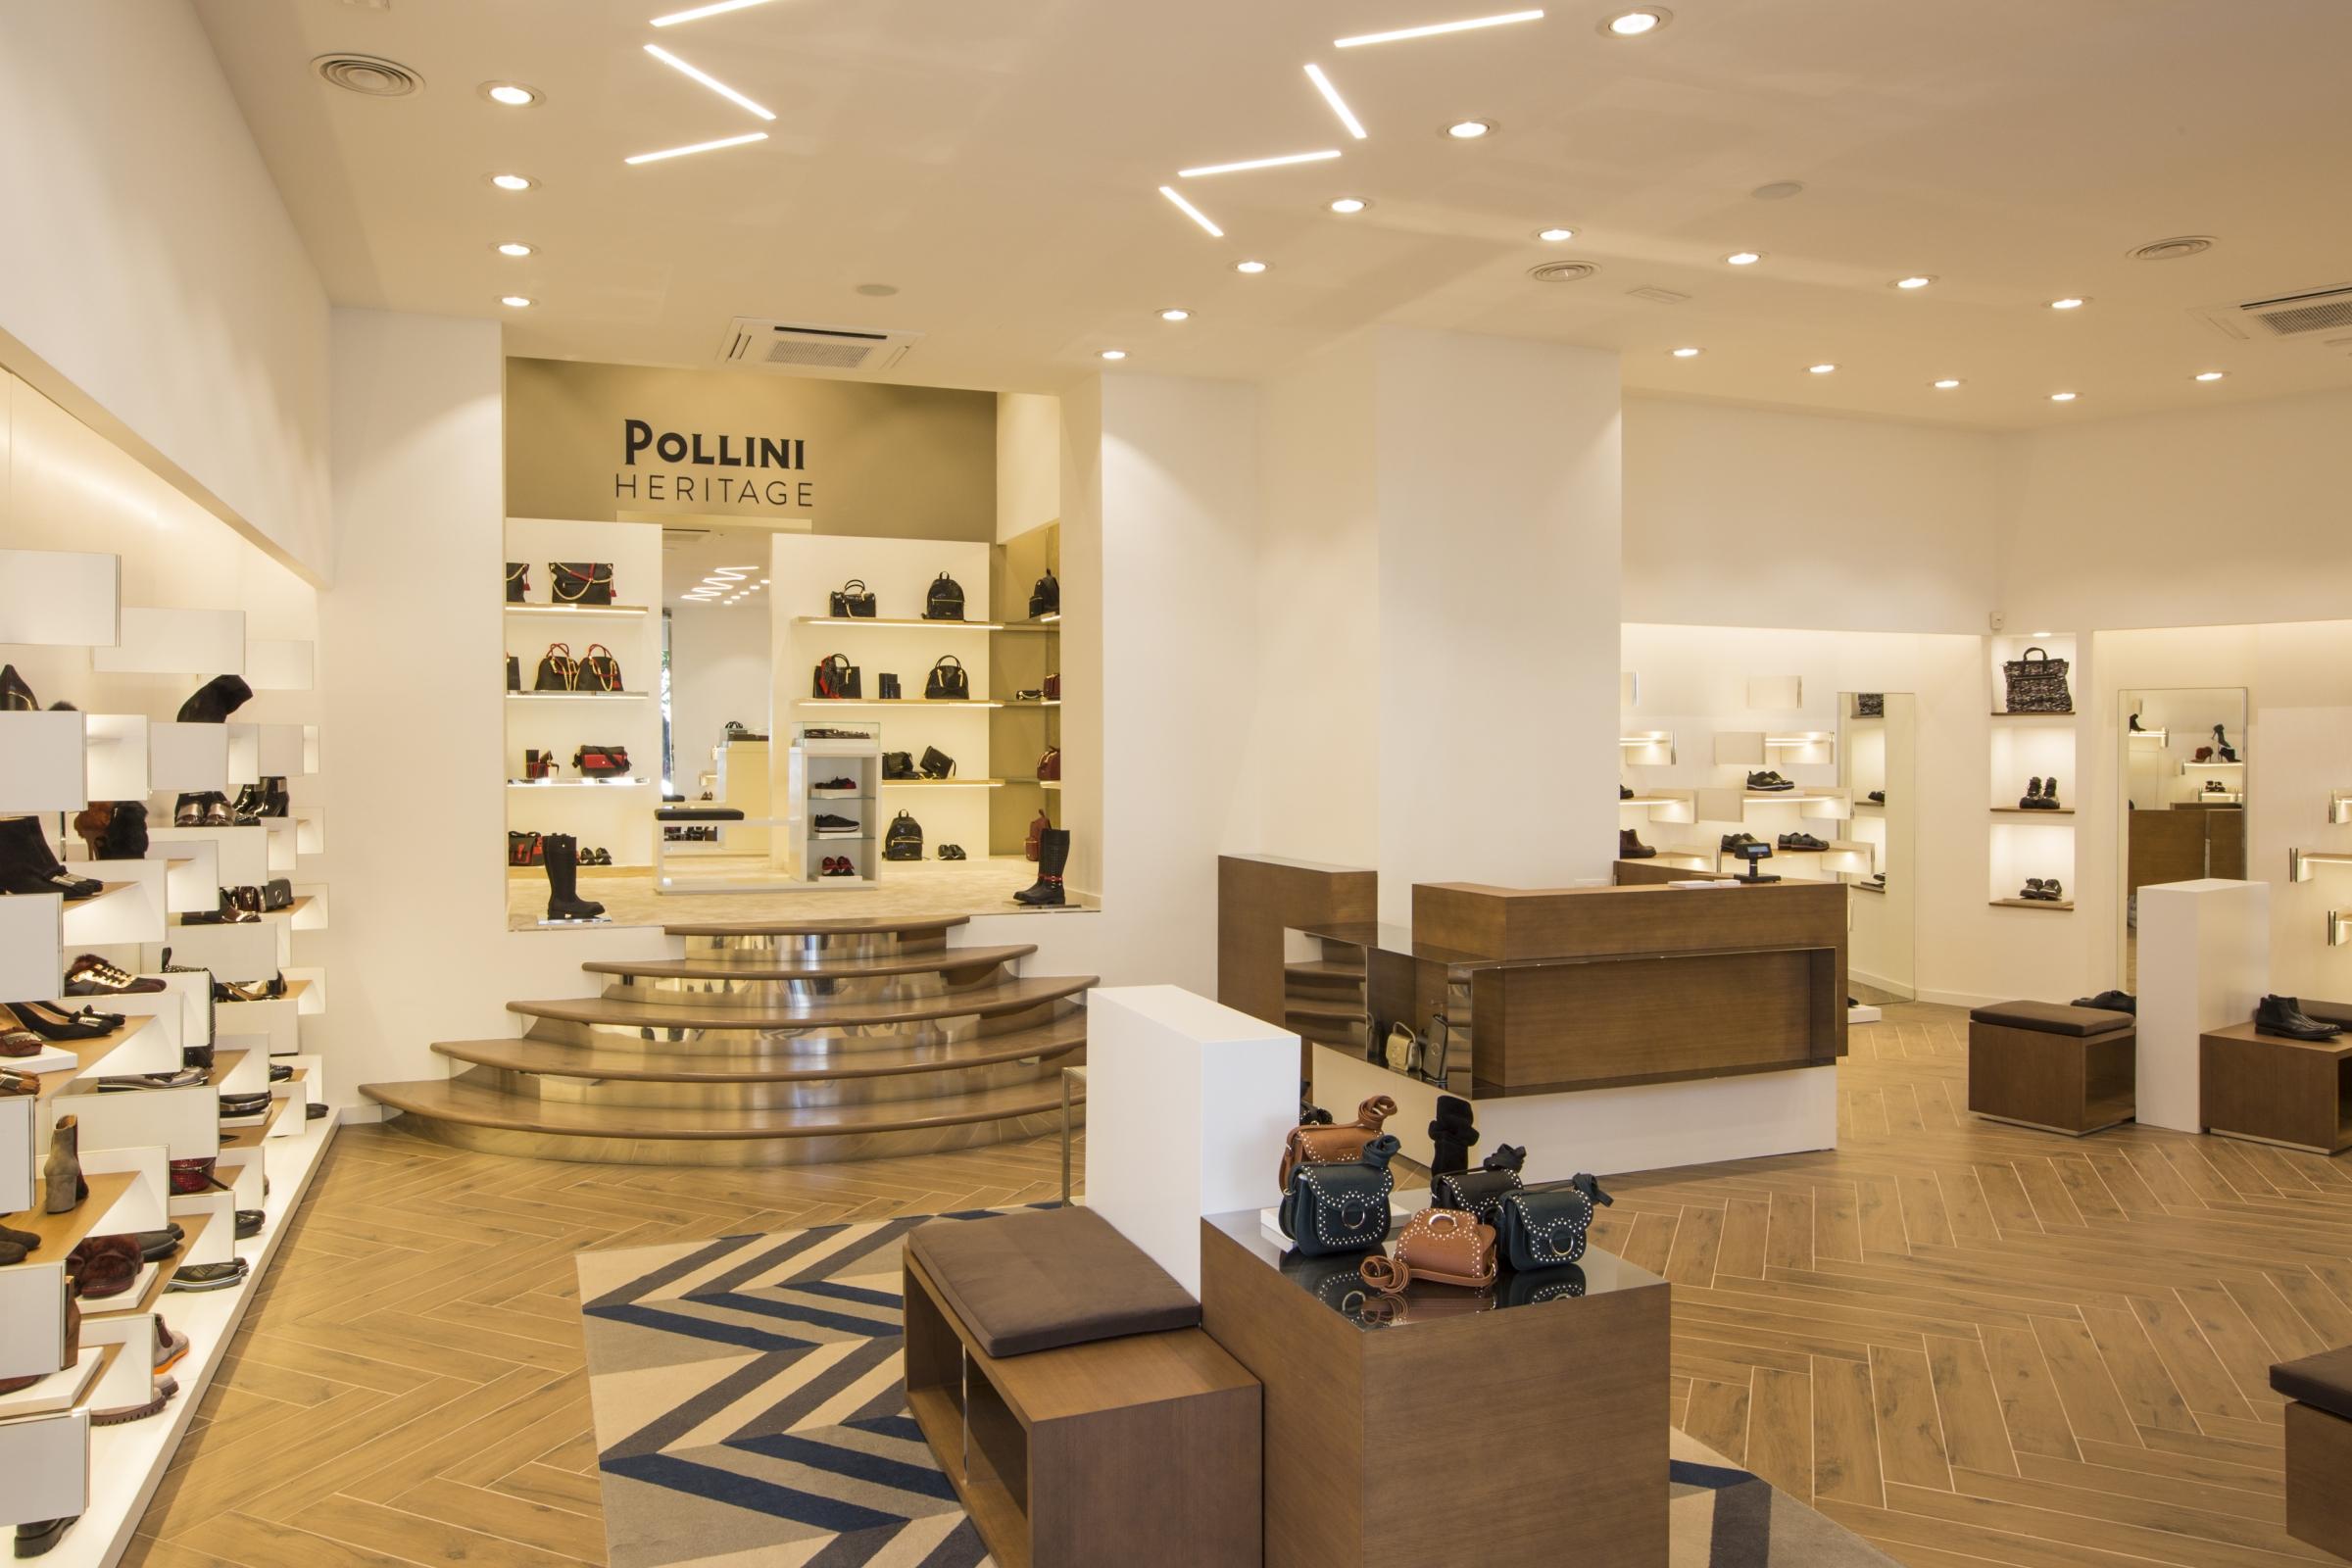 d5df0fe292 Pollini comunica l'apertura di due nuove boutique a Roma, in via del  Babuino e in via Cola di Rienzo, luoghi dal fascino intramontabile nel  cuore della ...